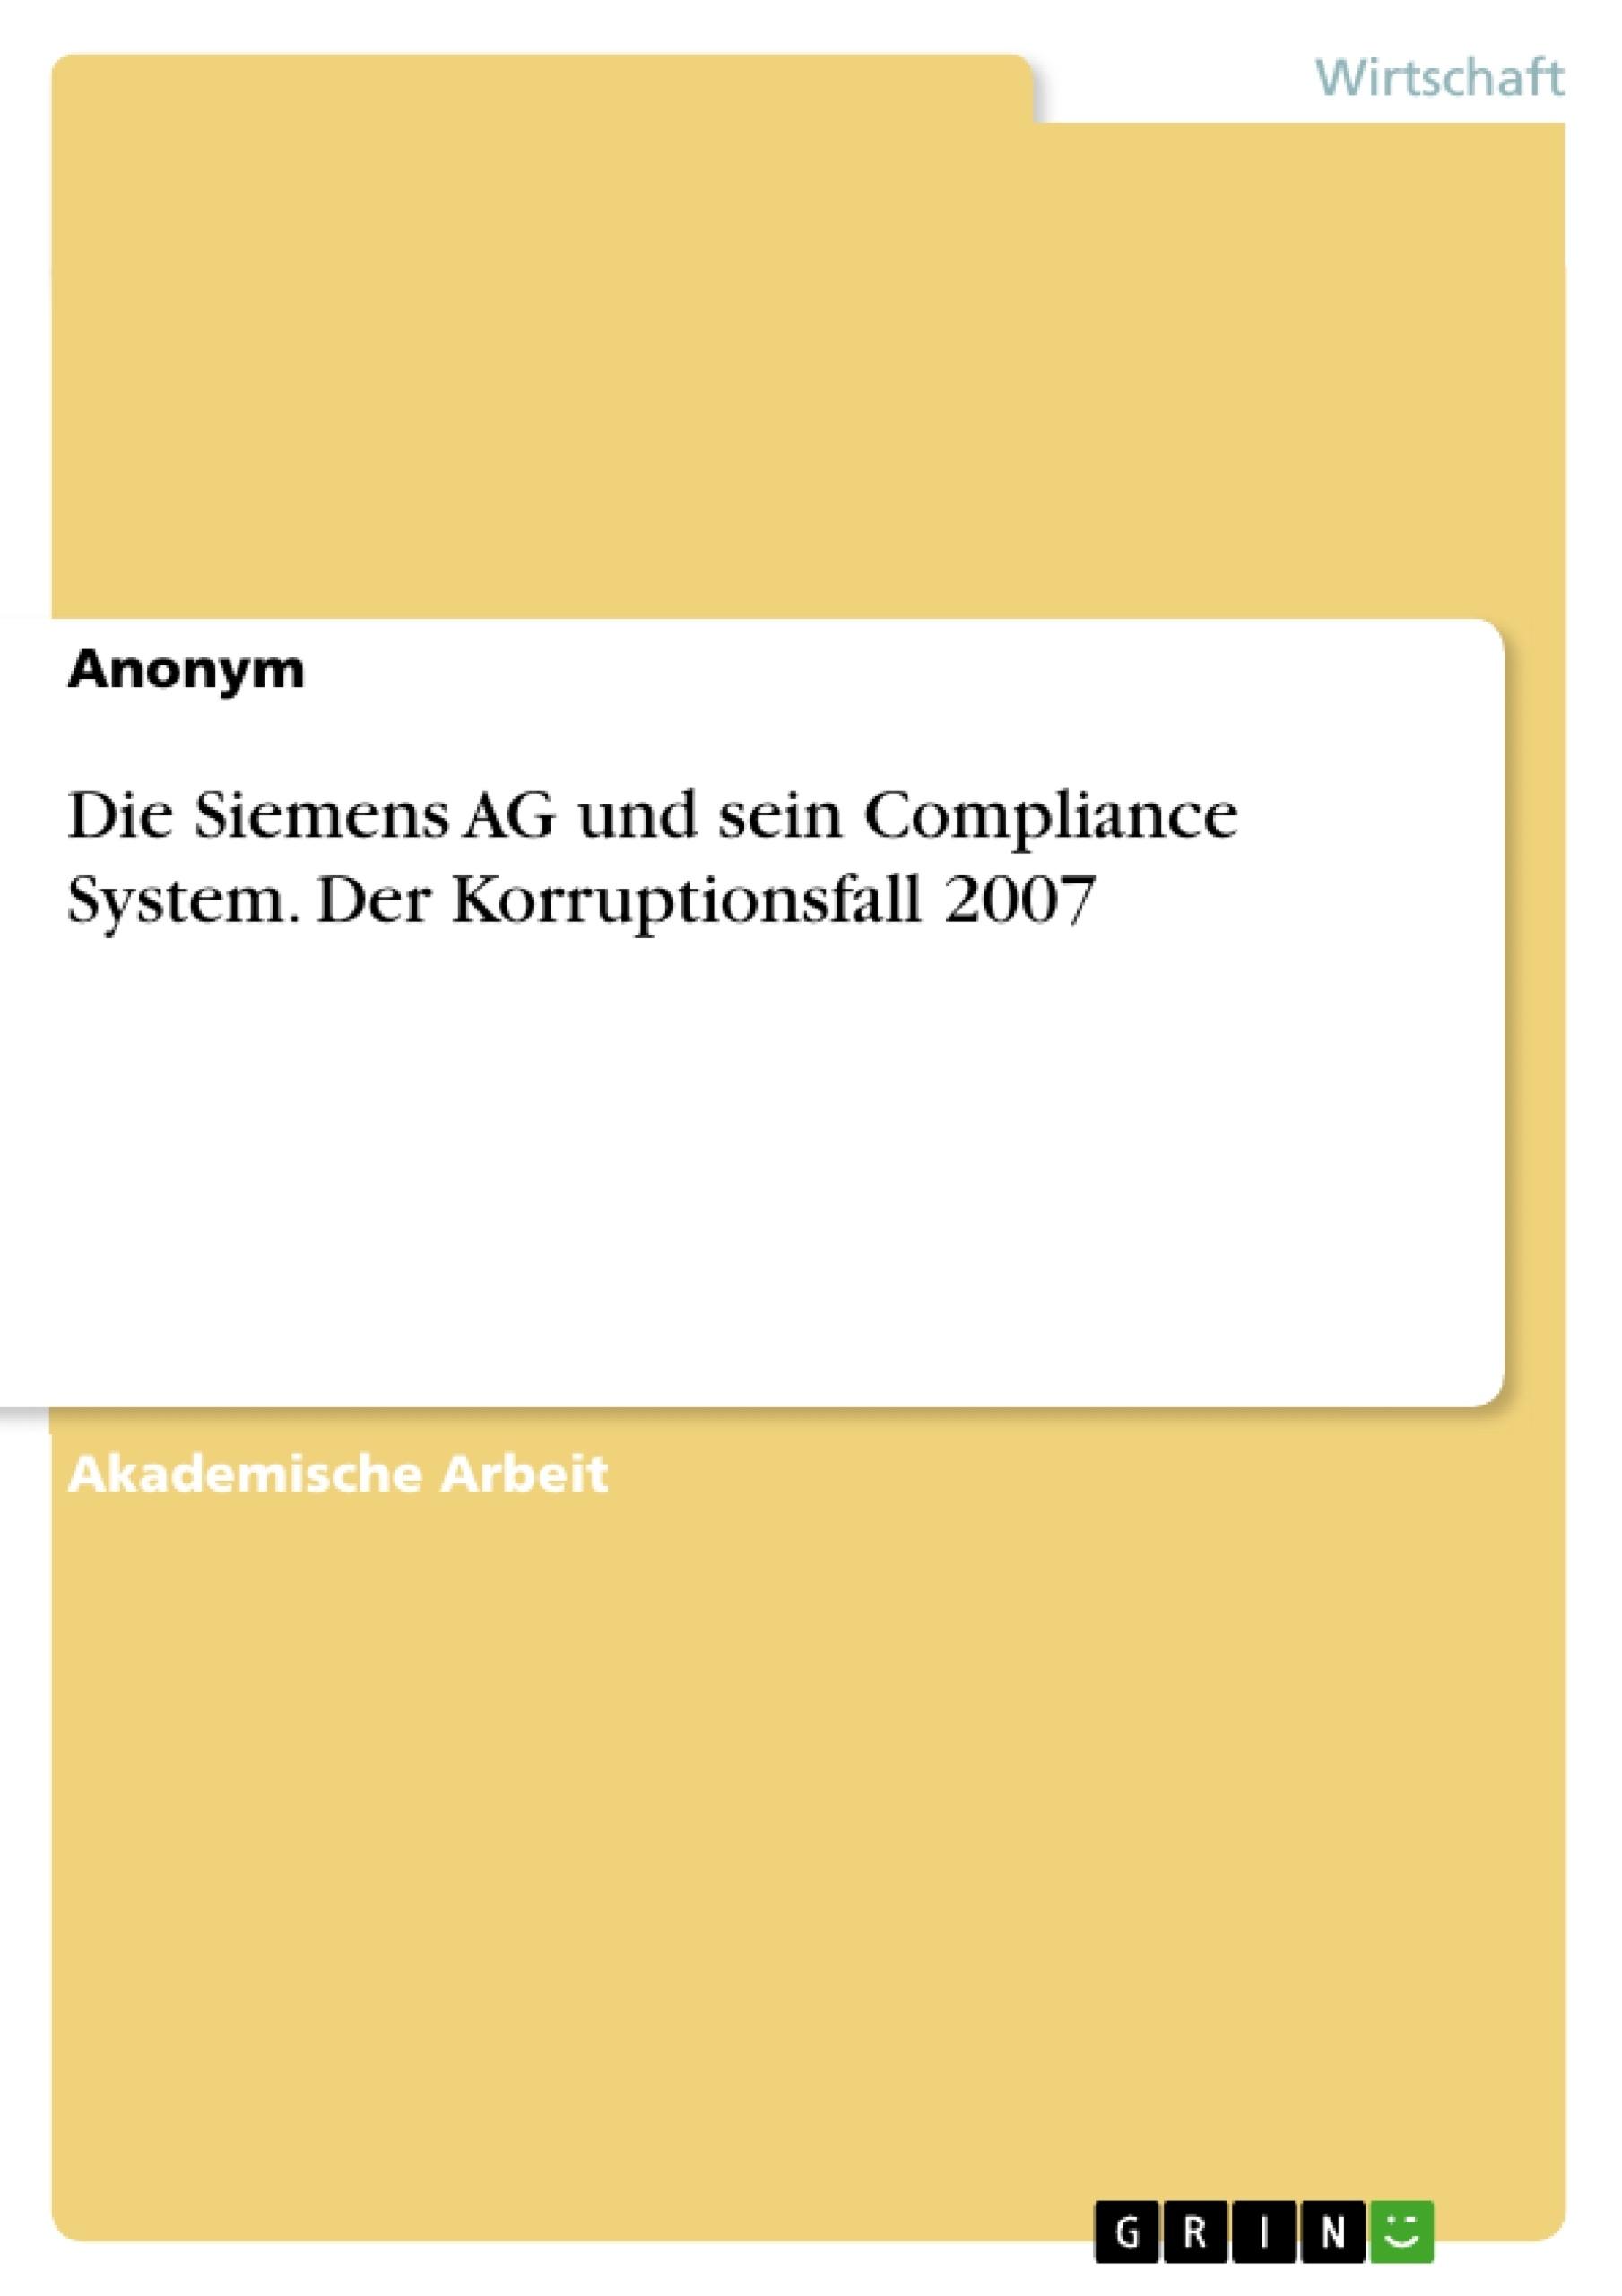 Titel: Die Siemens AG und sein Compliance System. Der Korruptionsfall 2007